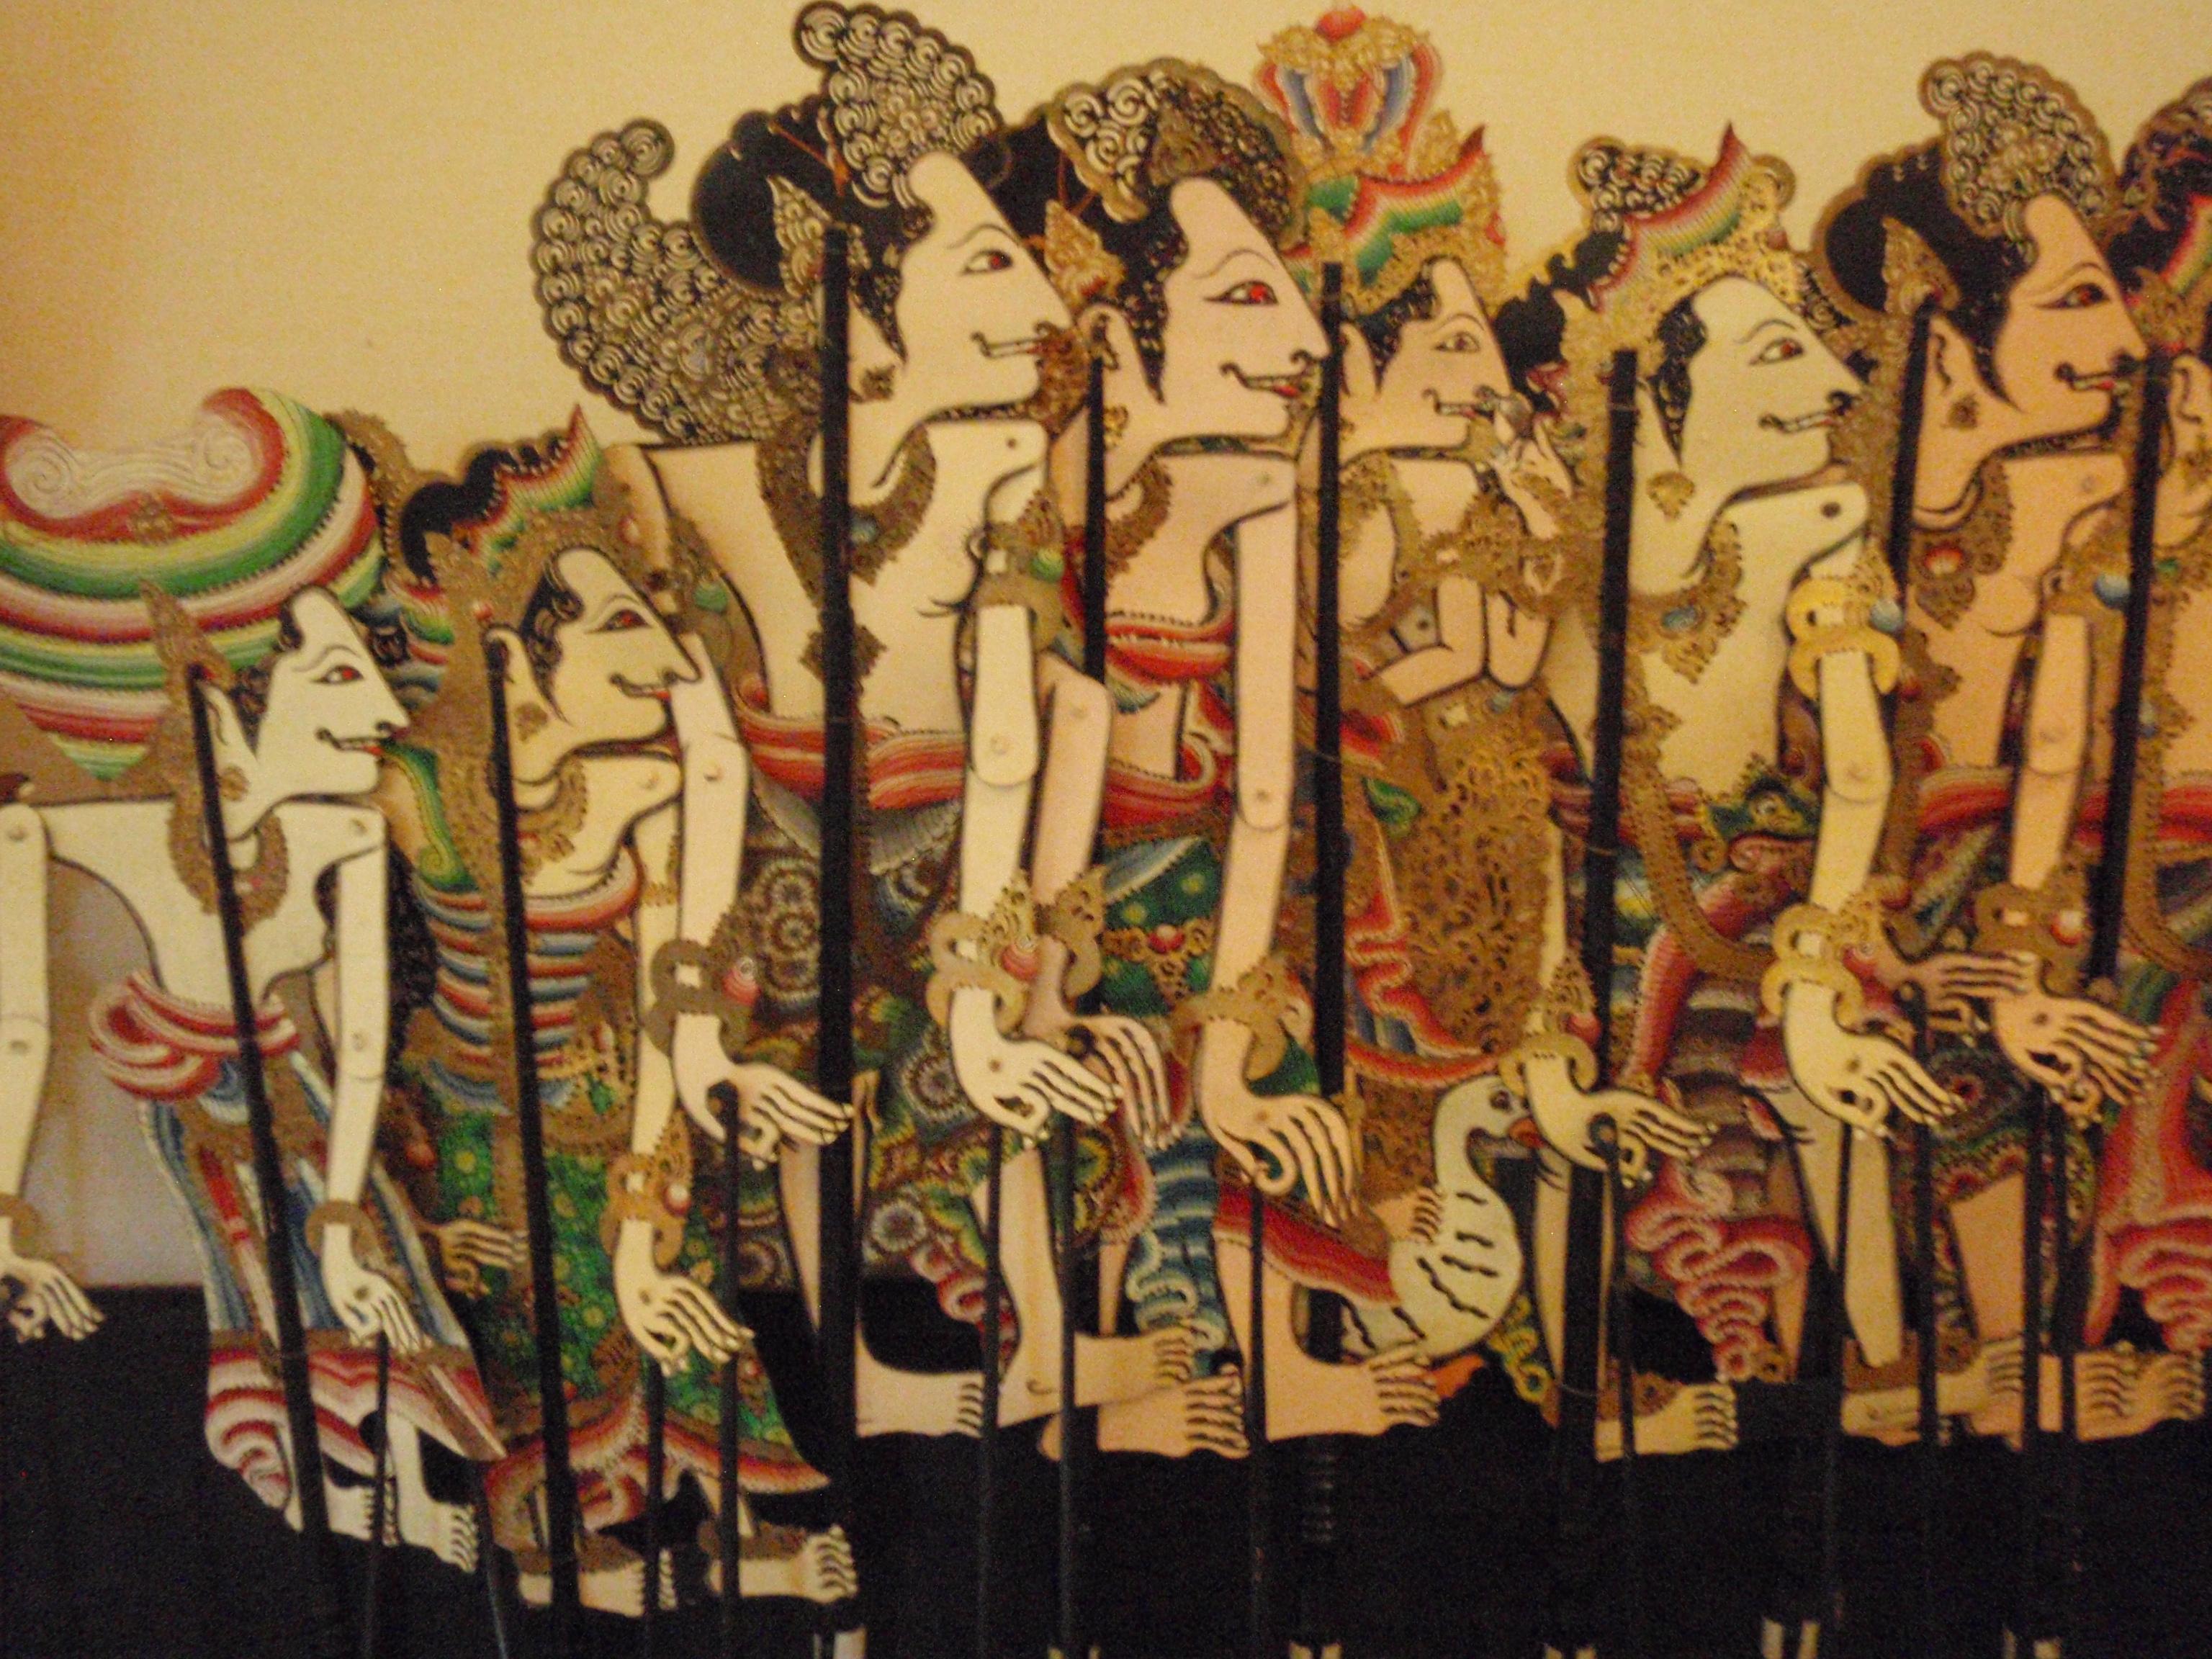 Wayang parwa (Bali), des histoires du Mahâbhârata, créateur de wayang <em>kulit</em> : I Wayan Nartha (Gianyar, Bali). Collection : Setia Darma House of Masks and Puppets, Gianyar, Bali, Indonésie.